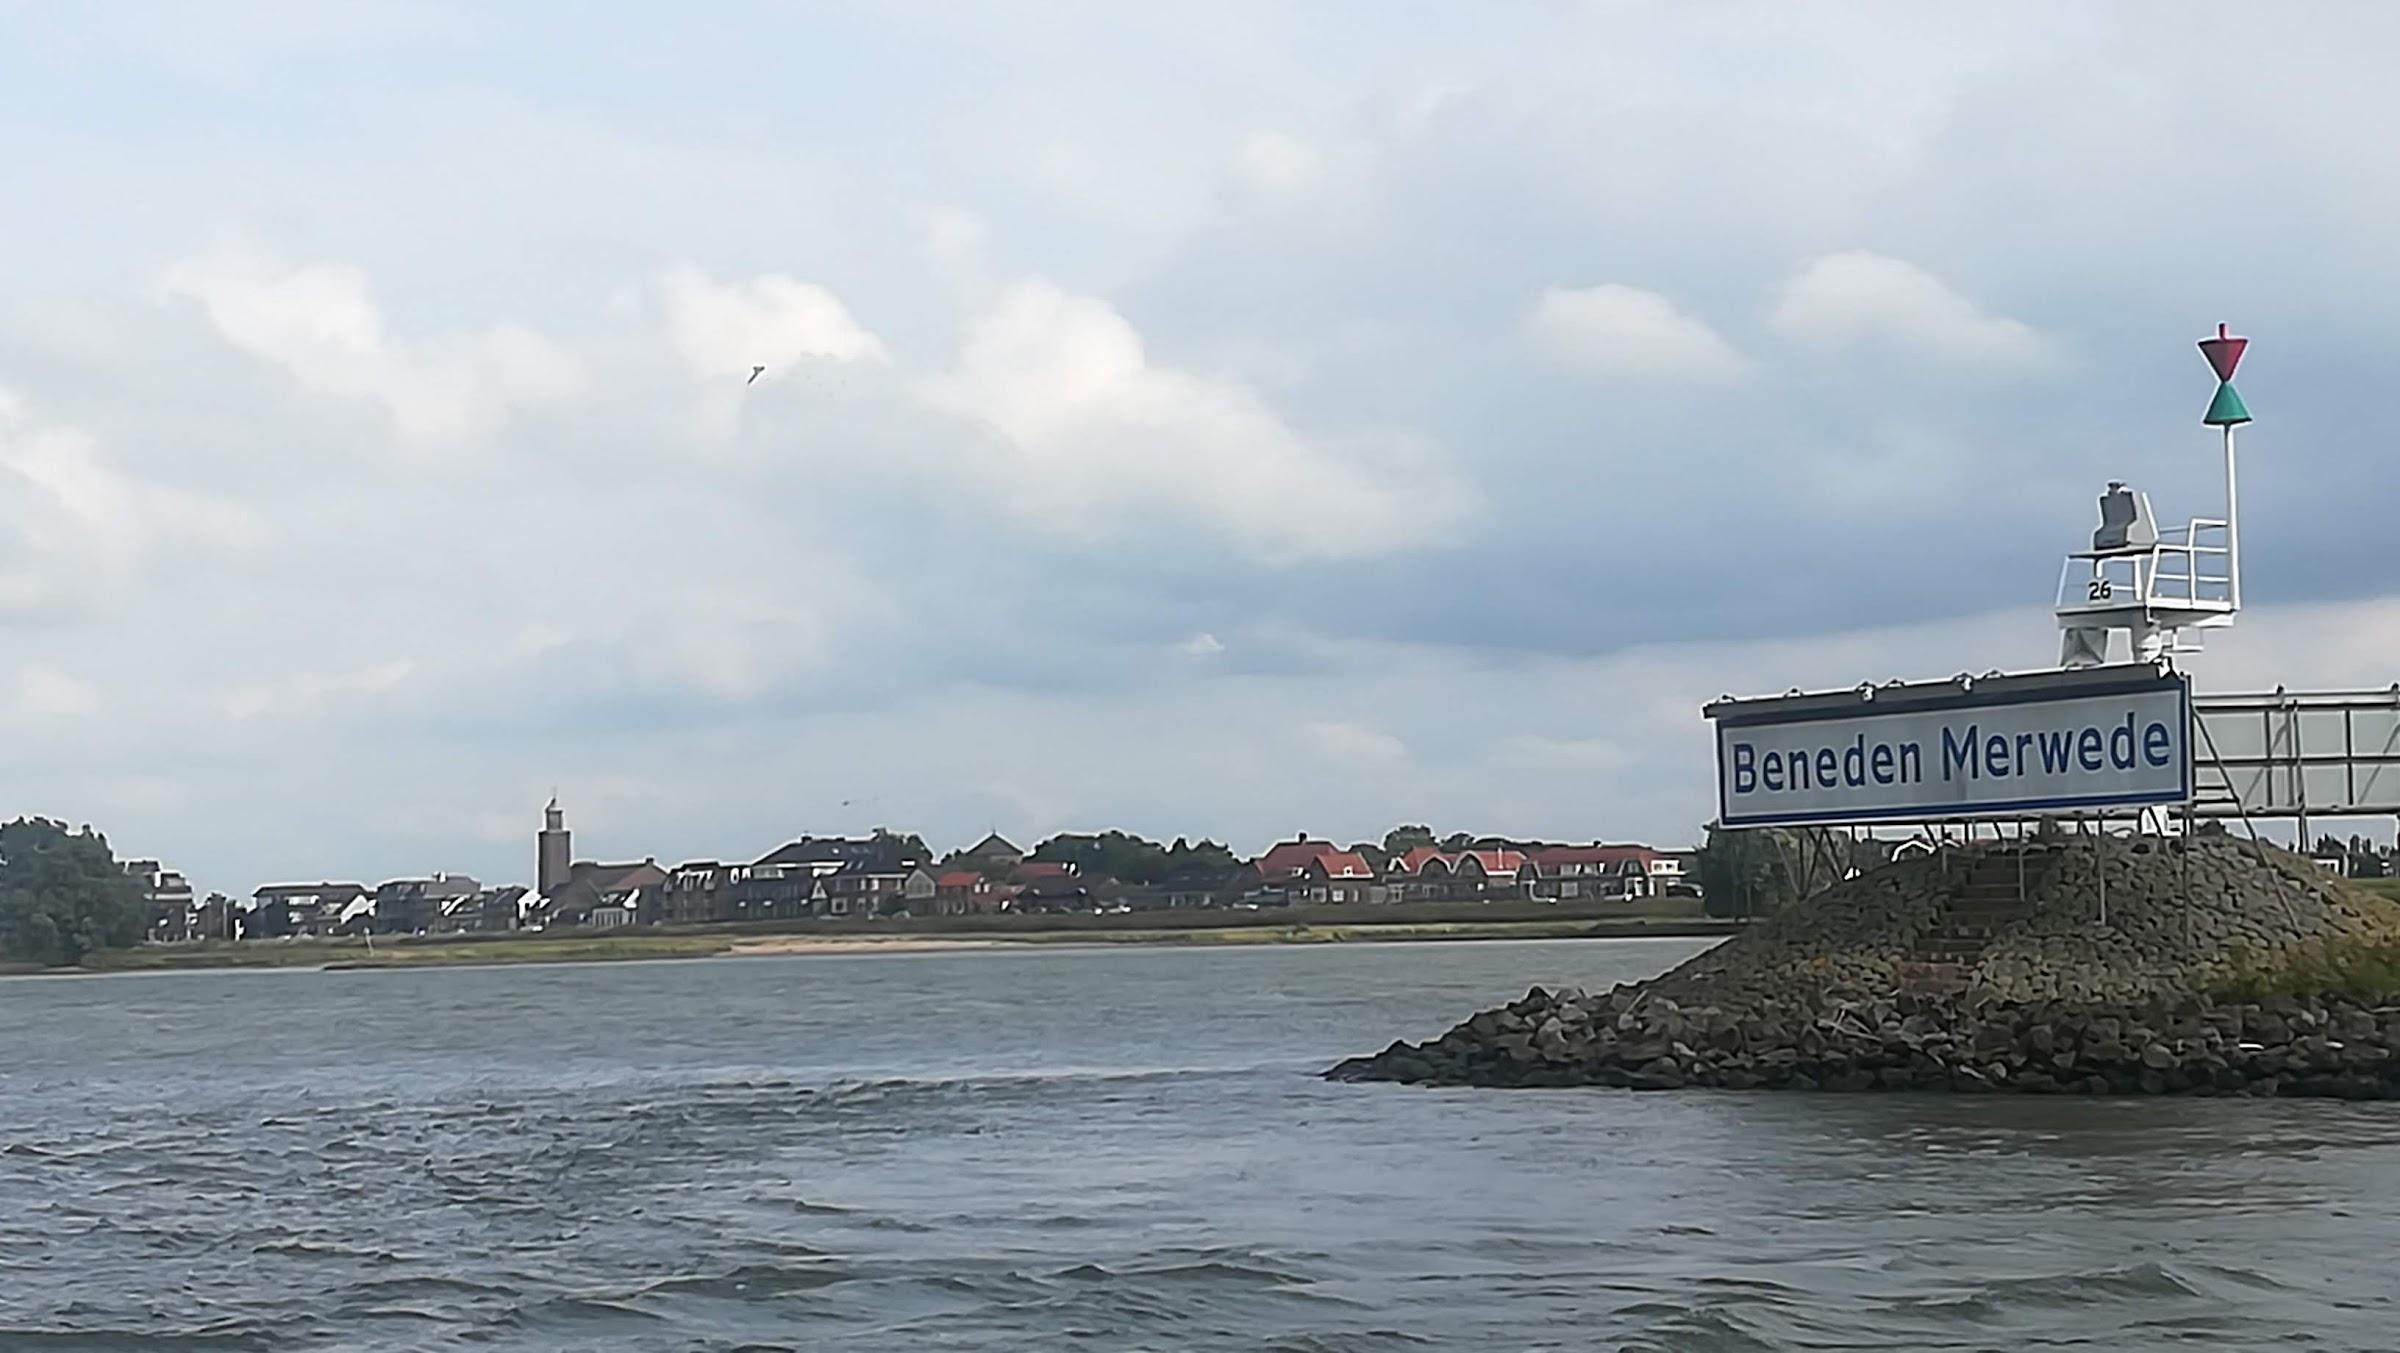 Werkendam, aan de kop van de Nieuwe Merwede